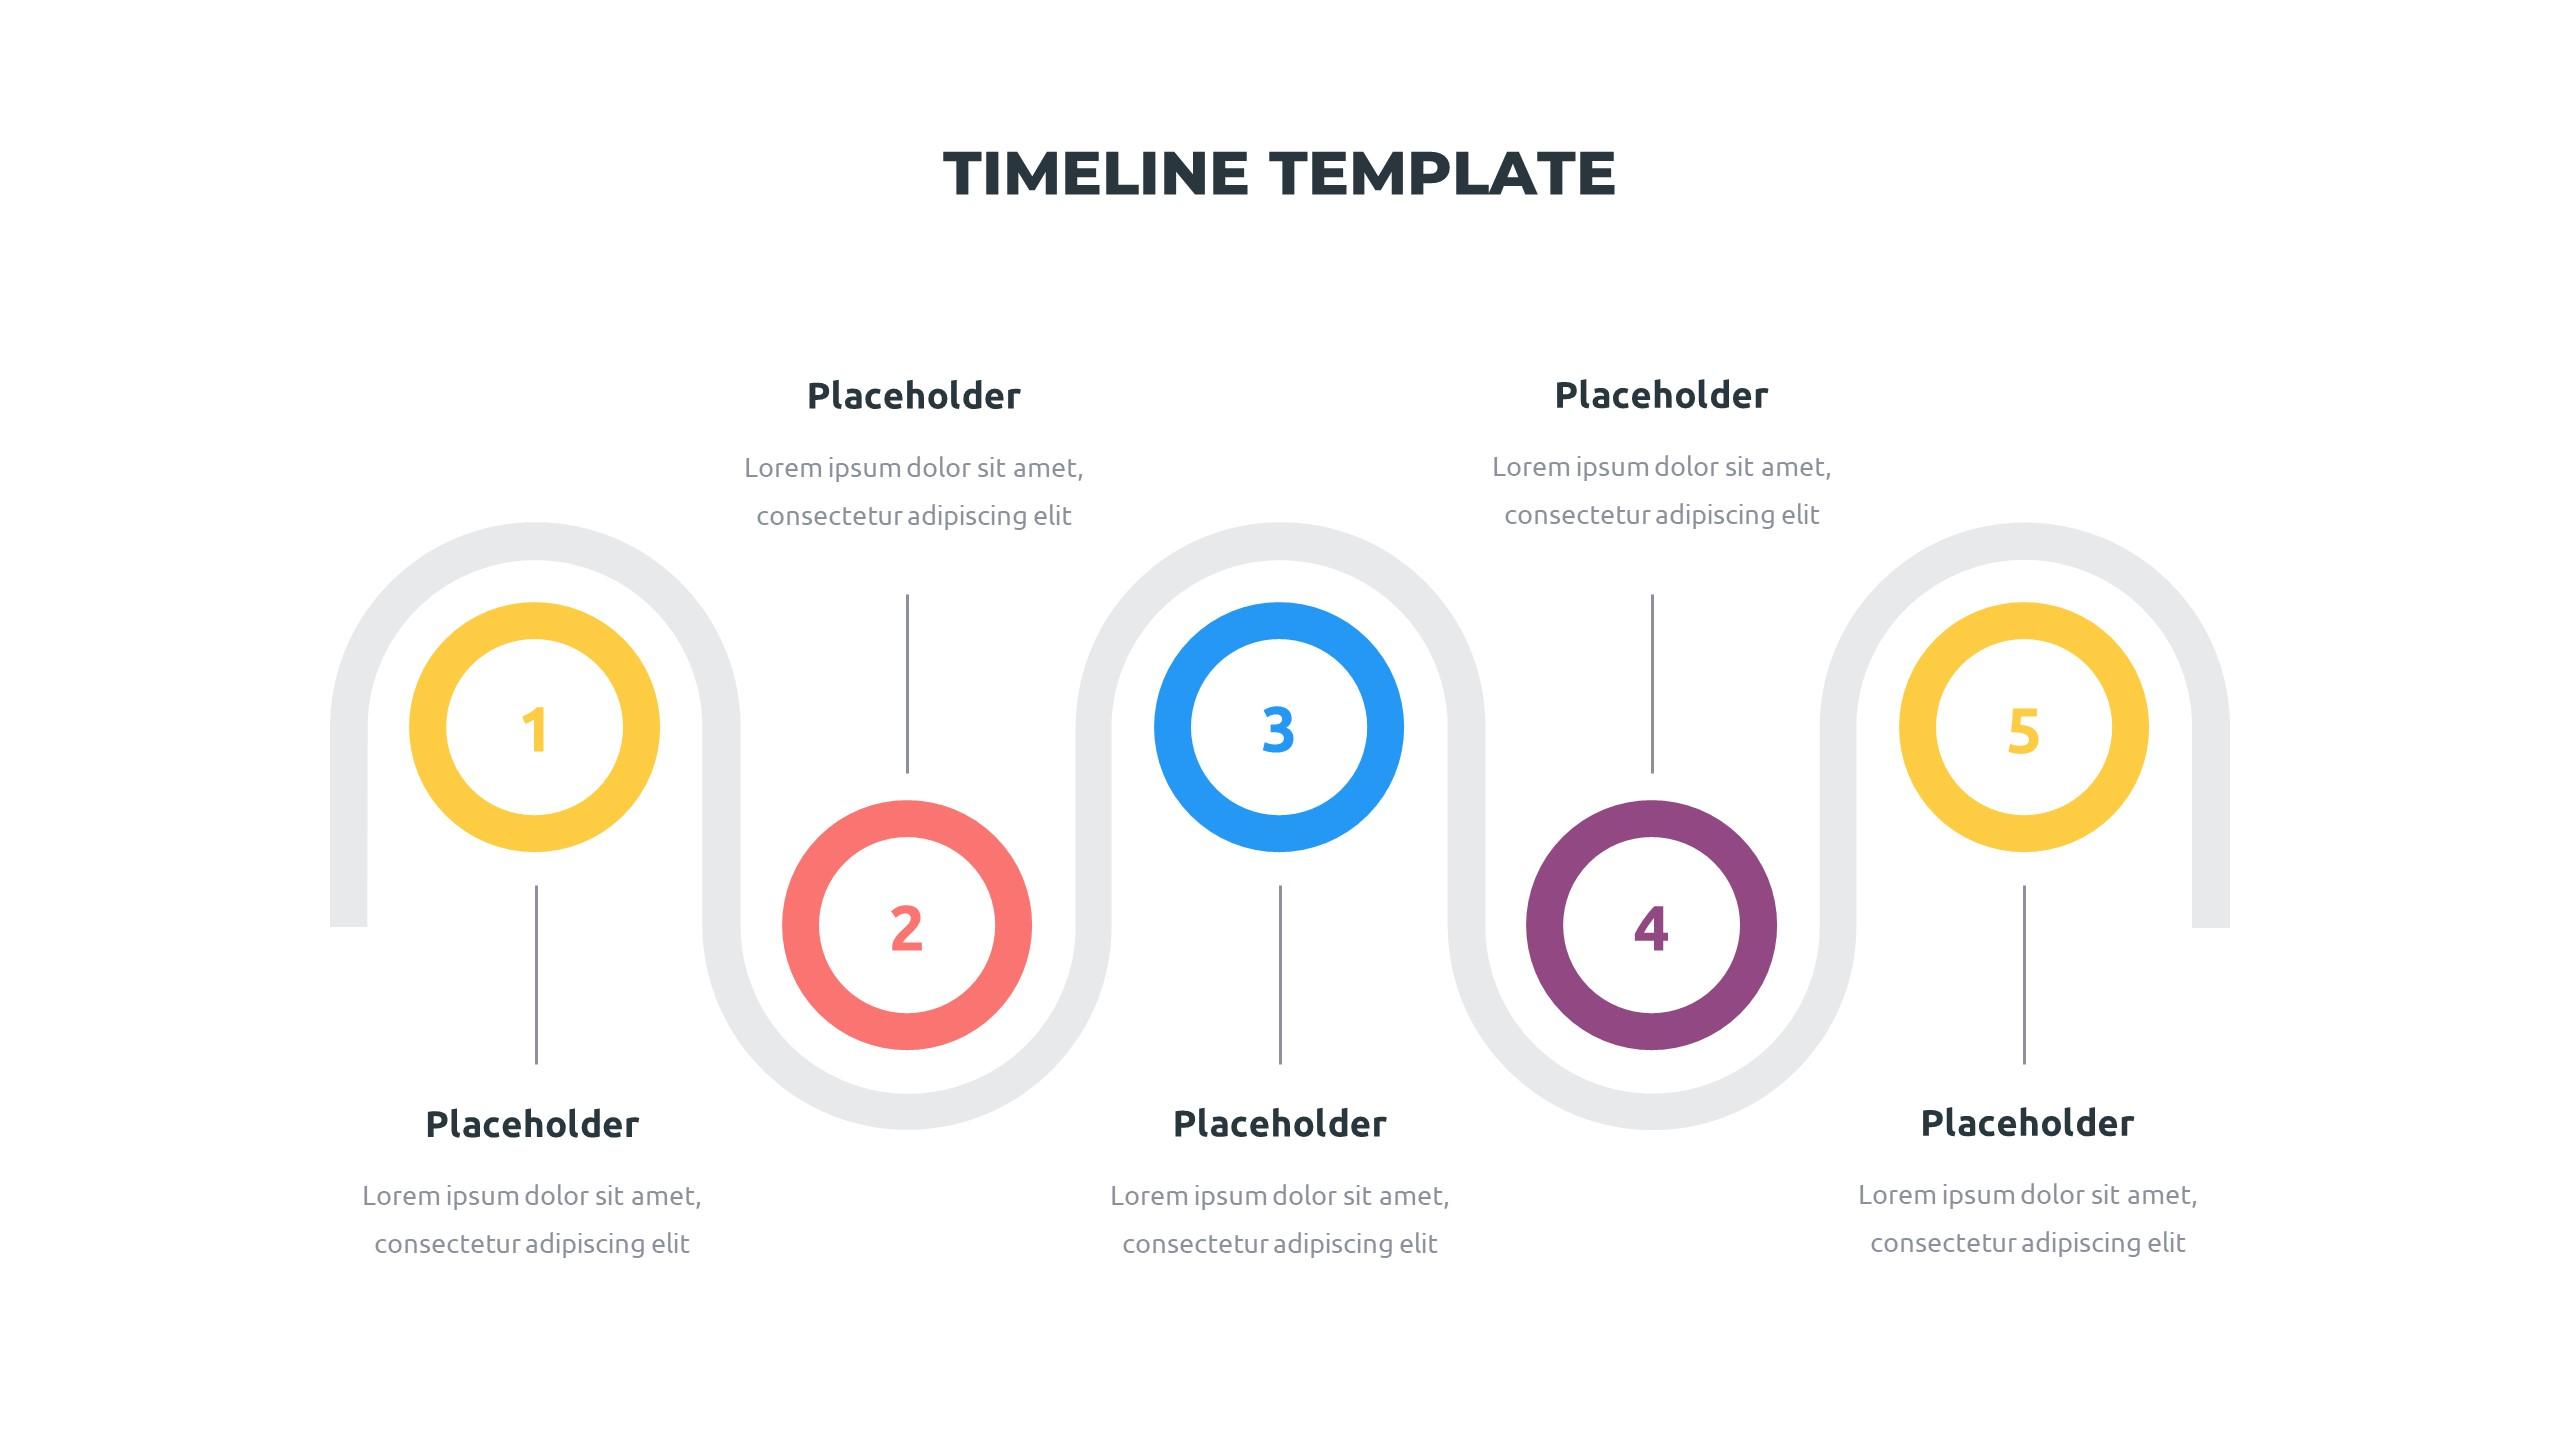 36 Timeline Presentation Templates: Powerpoint, Google Slides, Keynote - Slide24